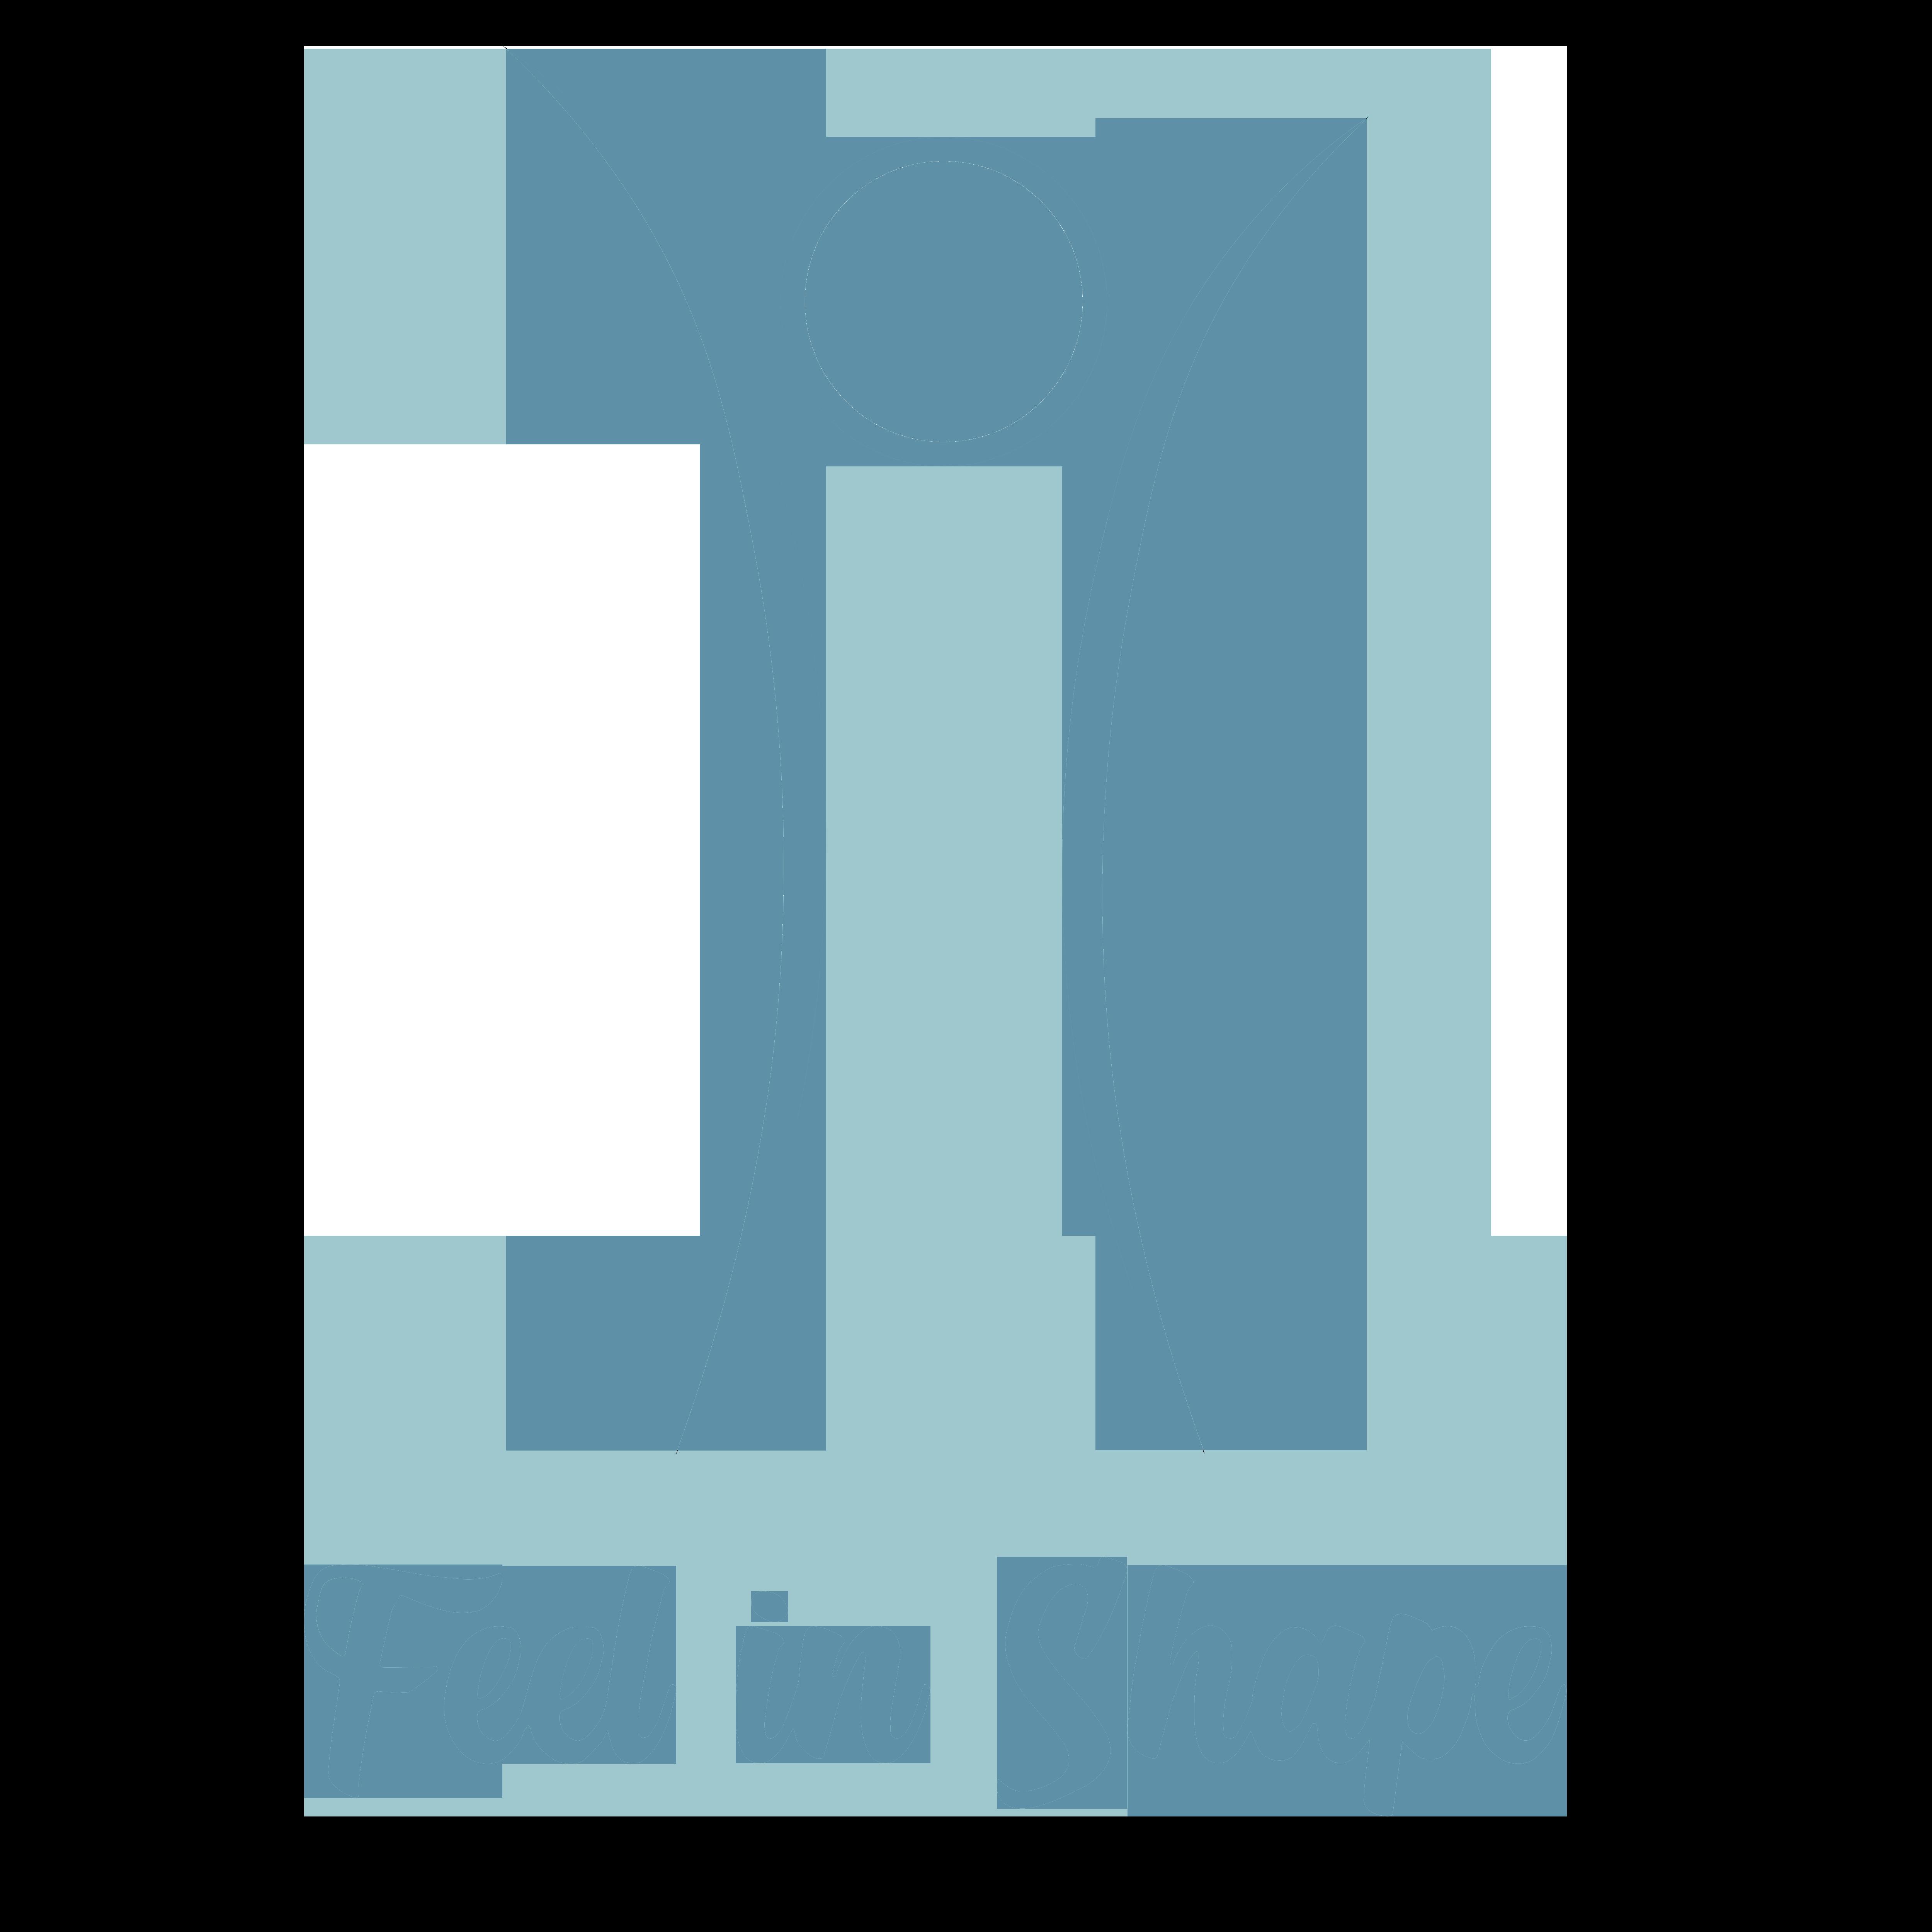 Feel in shape